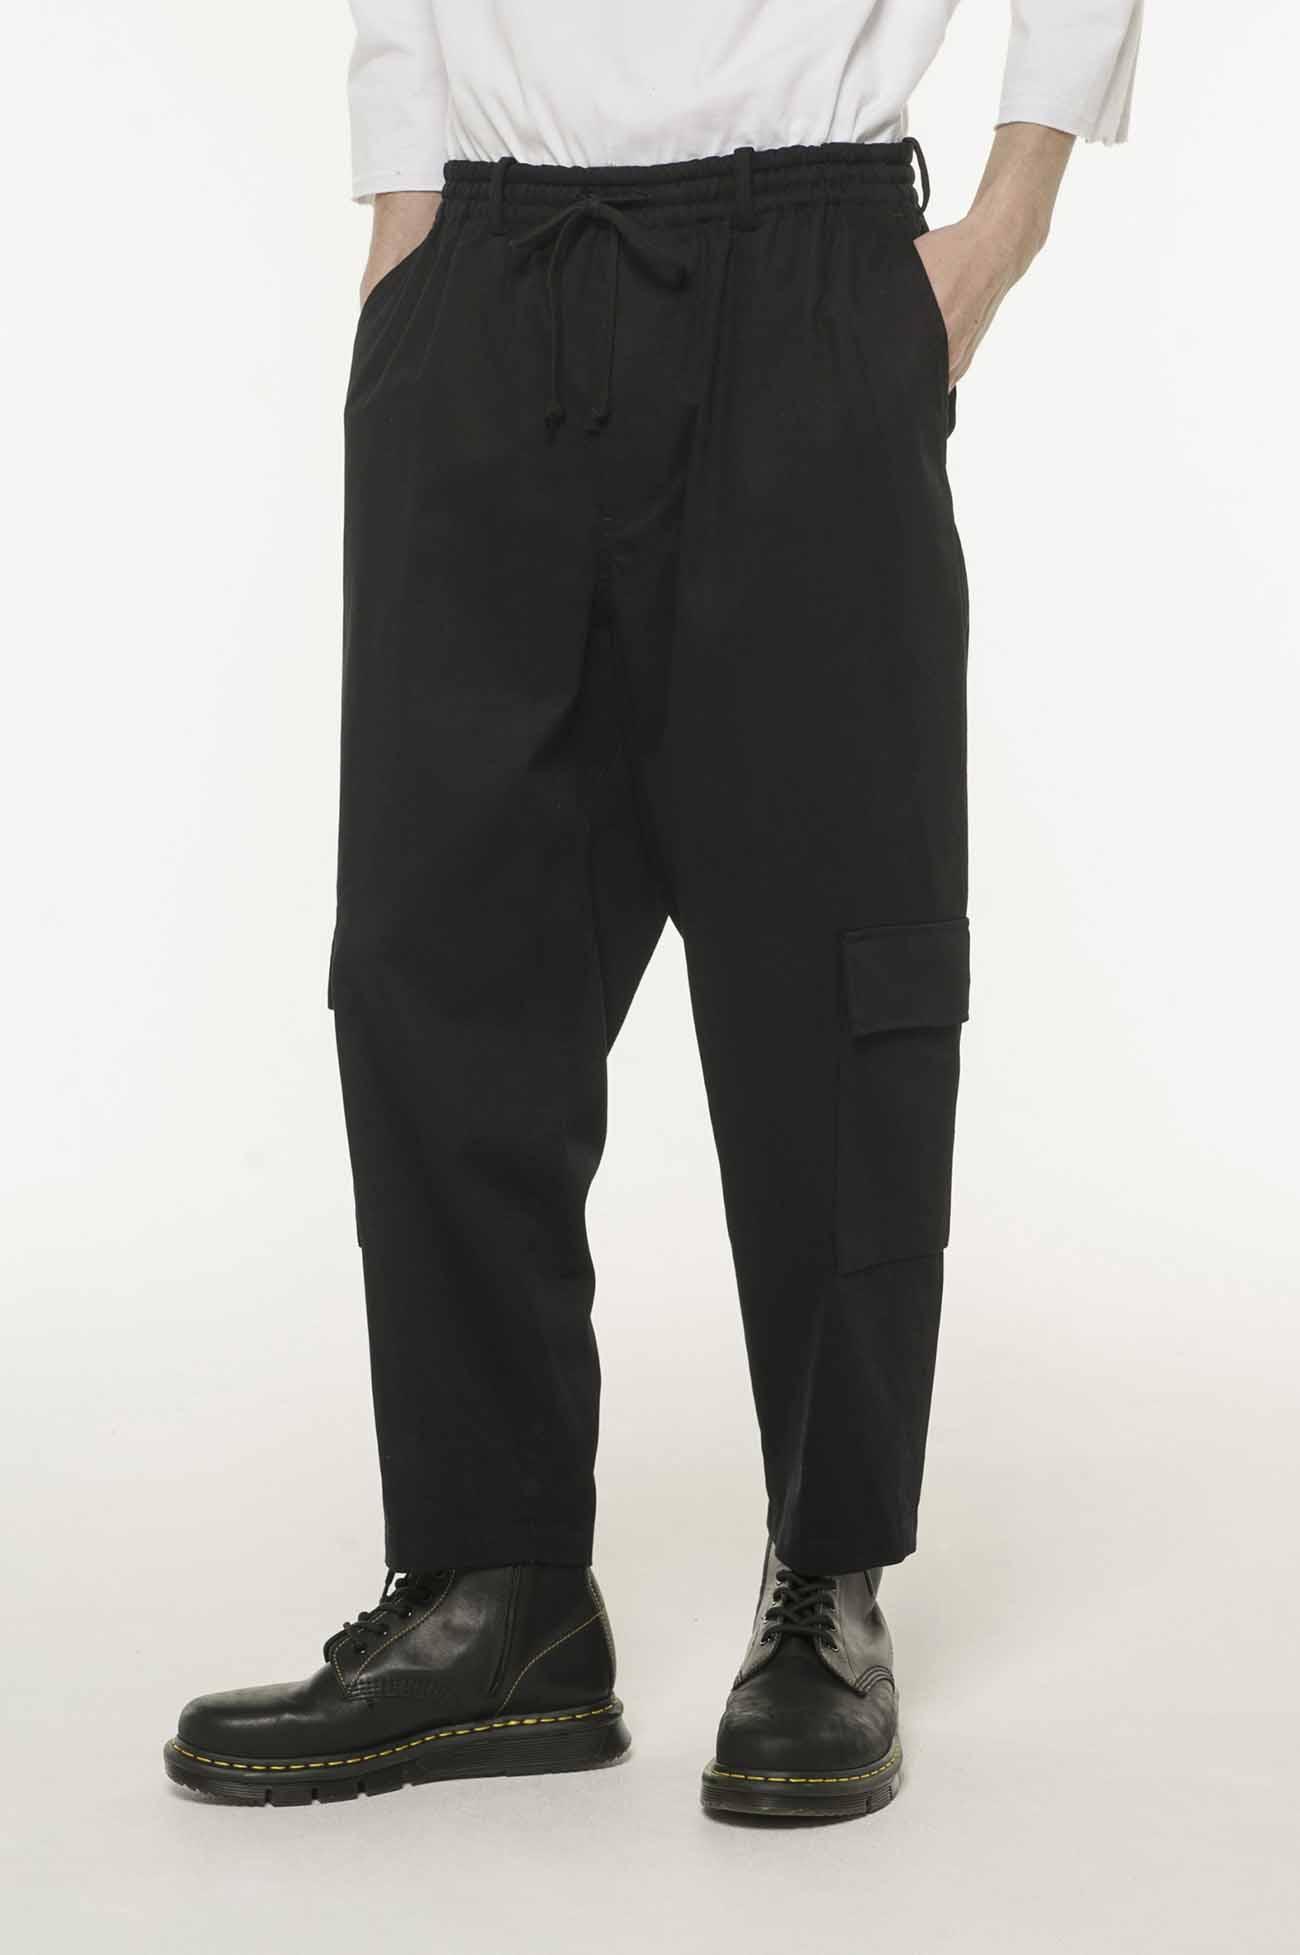 抽绳工装裤